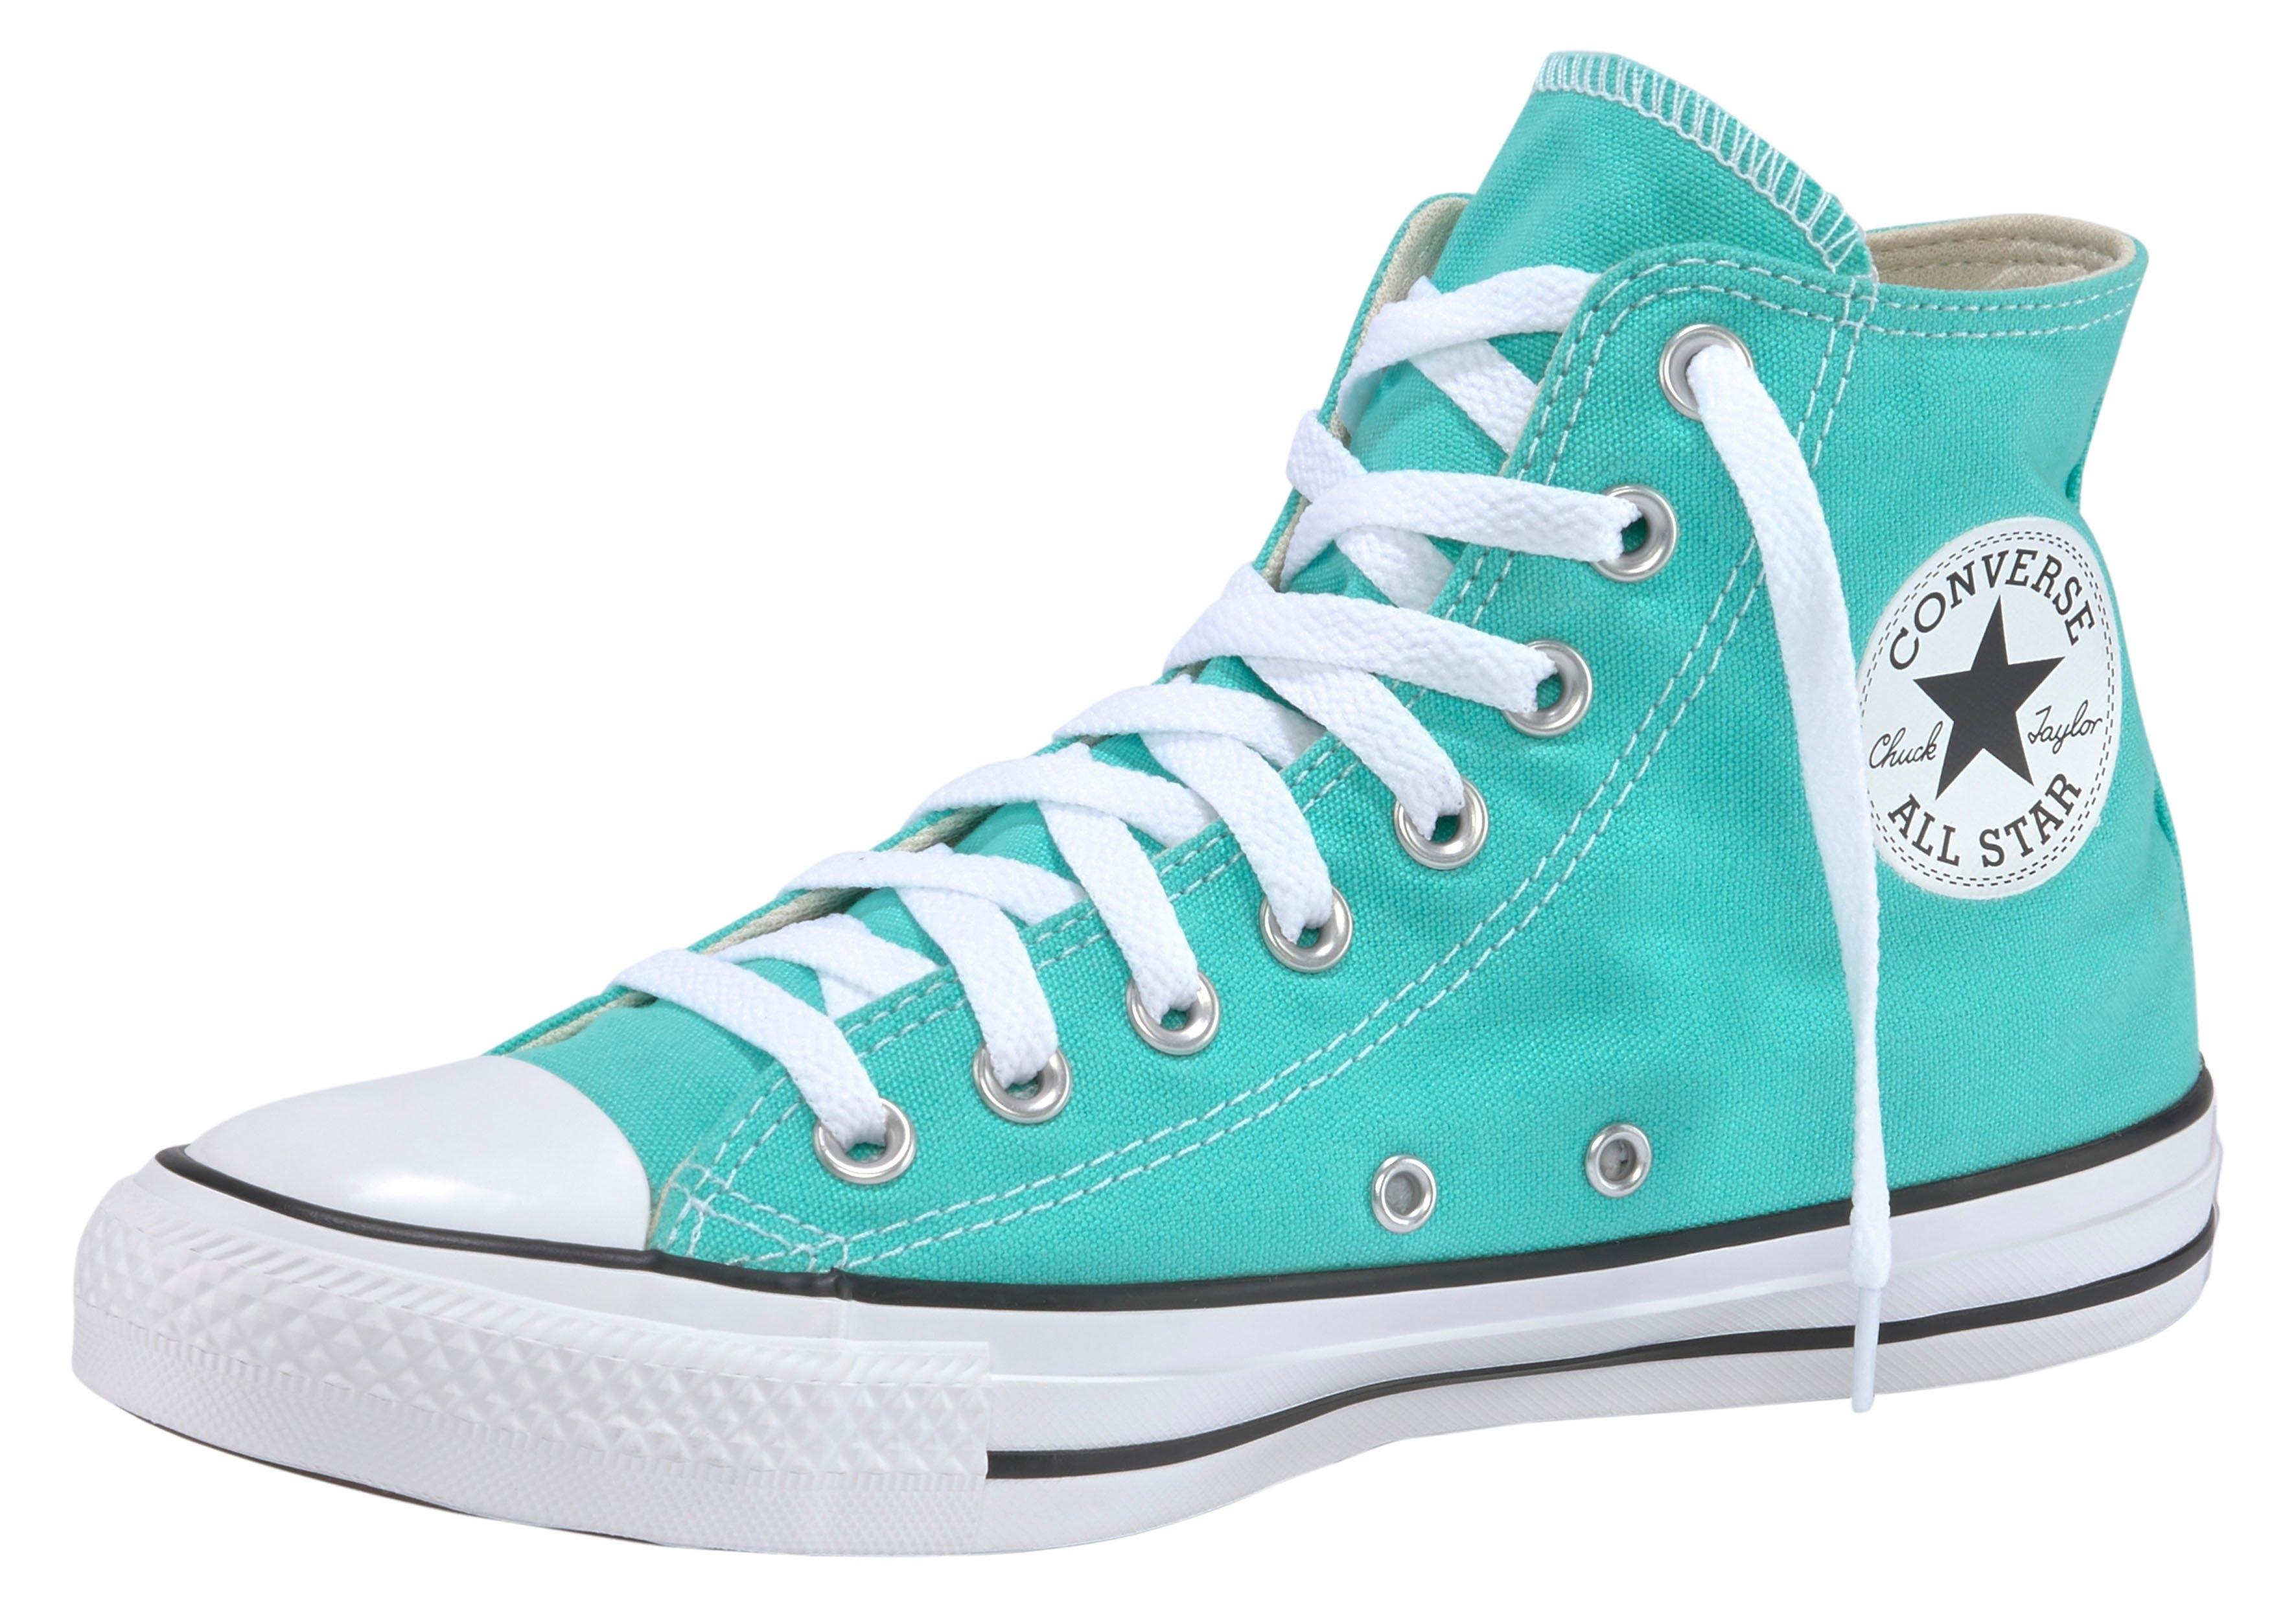 Converse sneakers Chuck Taylor All Star Hi bestellen: 30 dagen bedenktijd